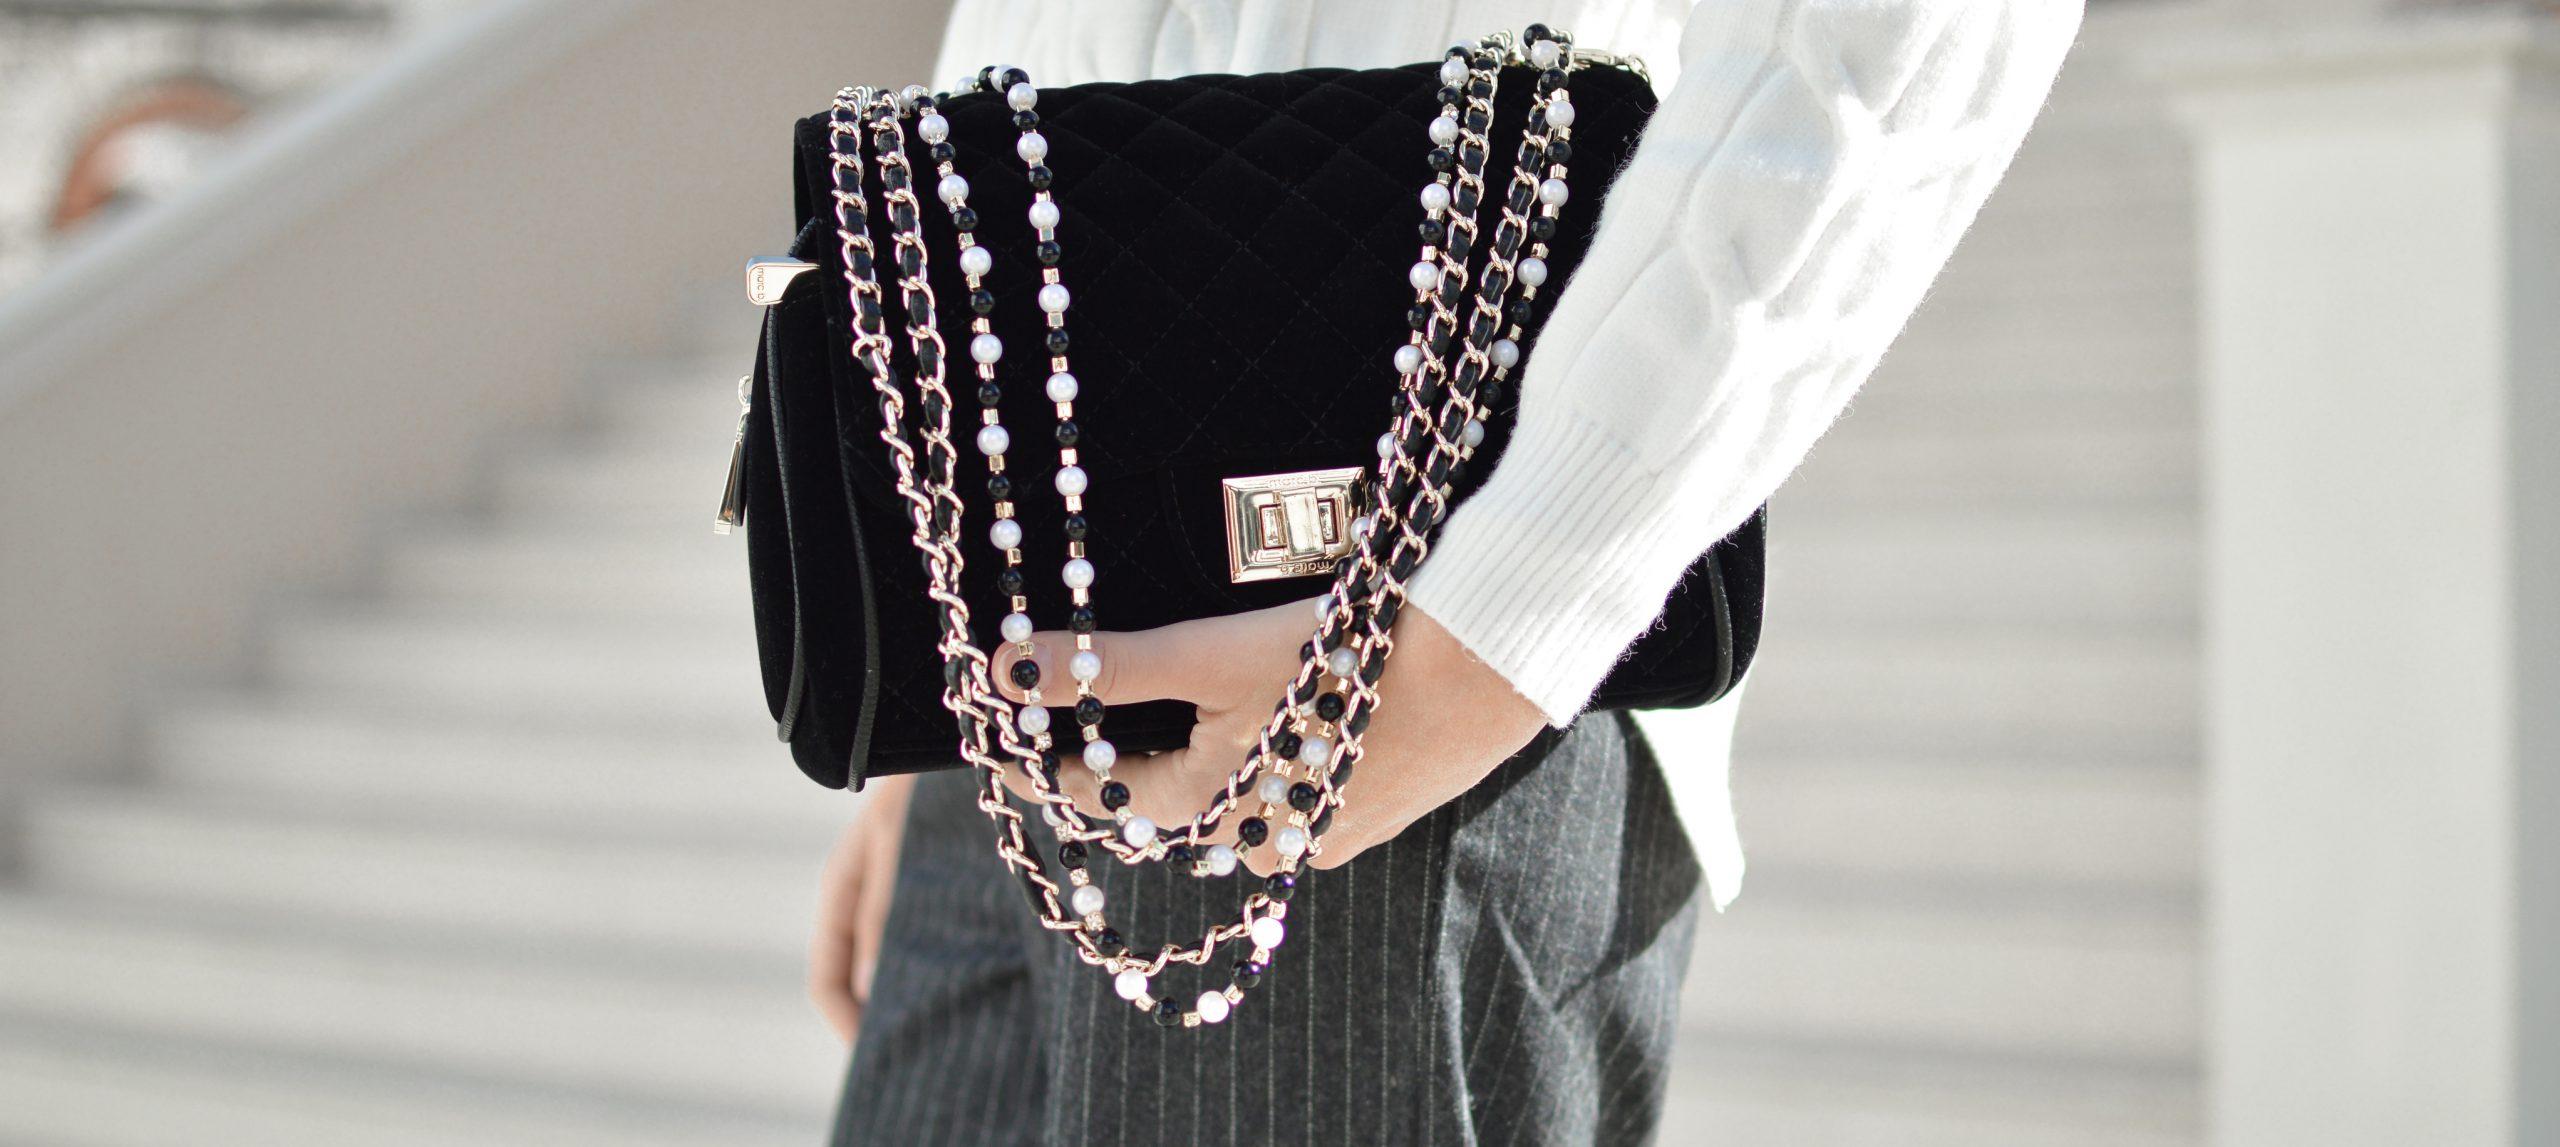 Hilfe – meine Businesstasche ist spießig! 10 stylishe Alternativen